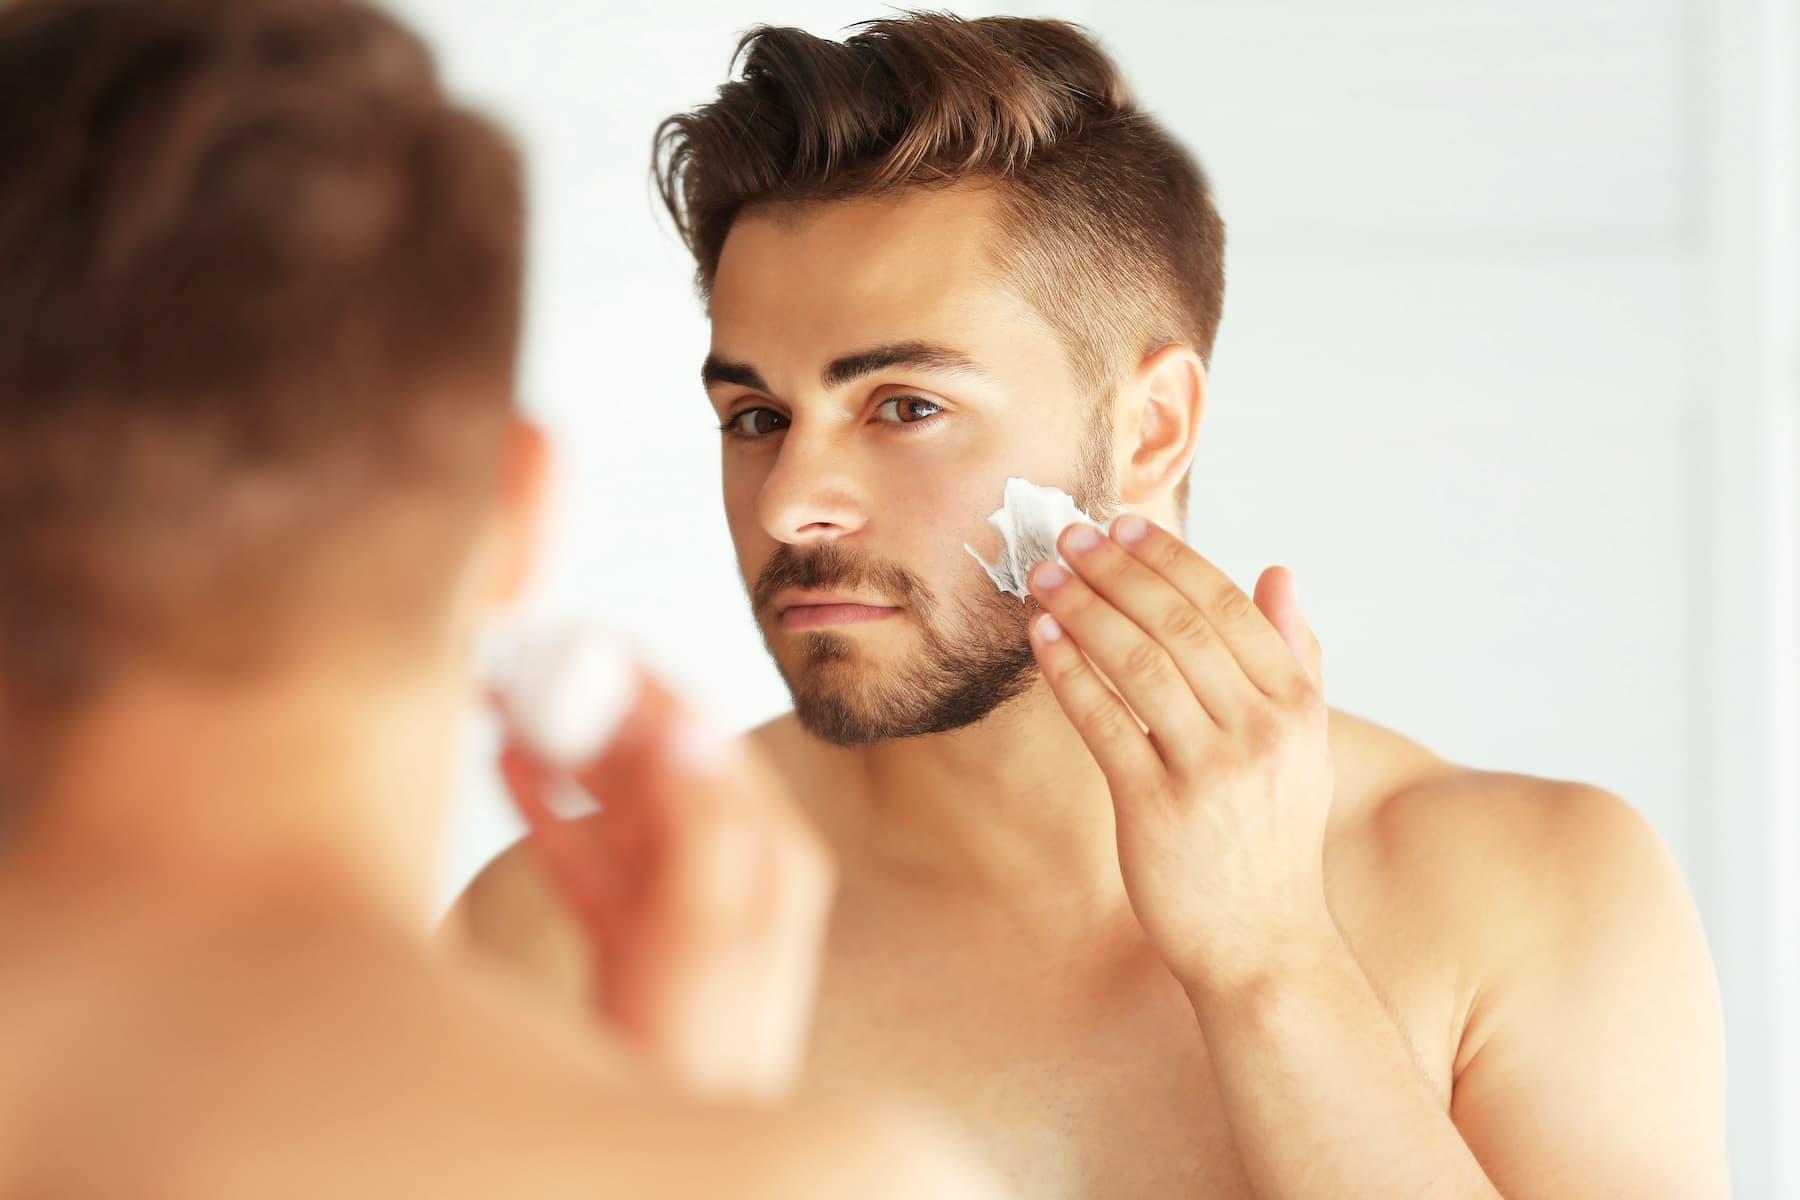 Jak się golić zimą, żeby uniknąć podrażnień?